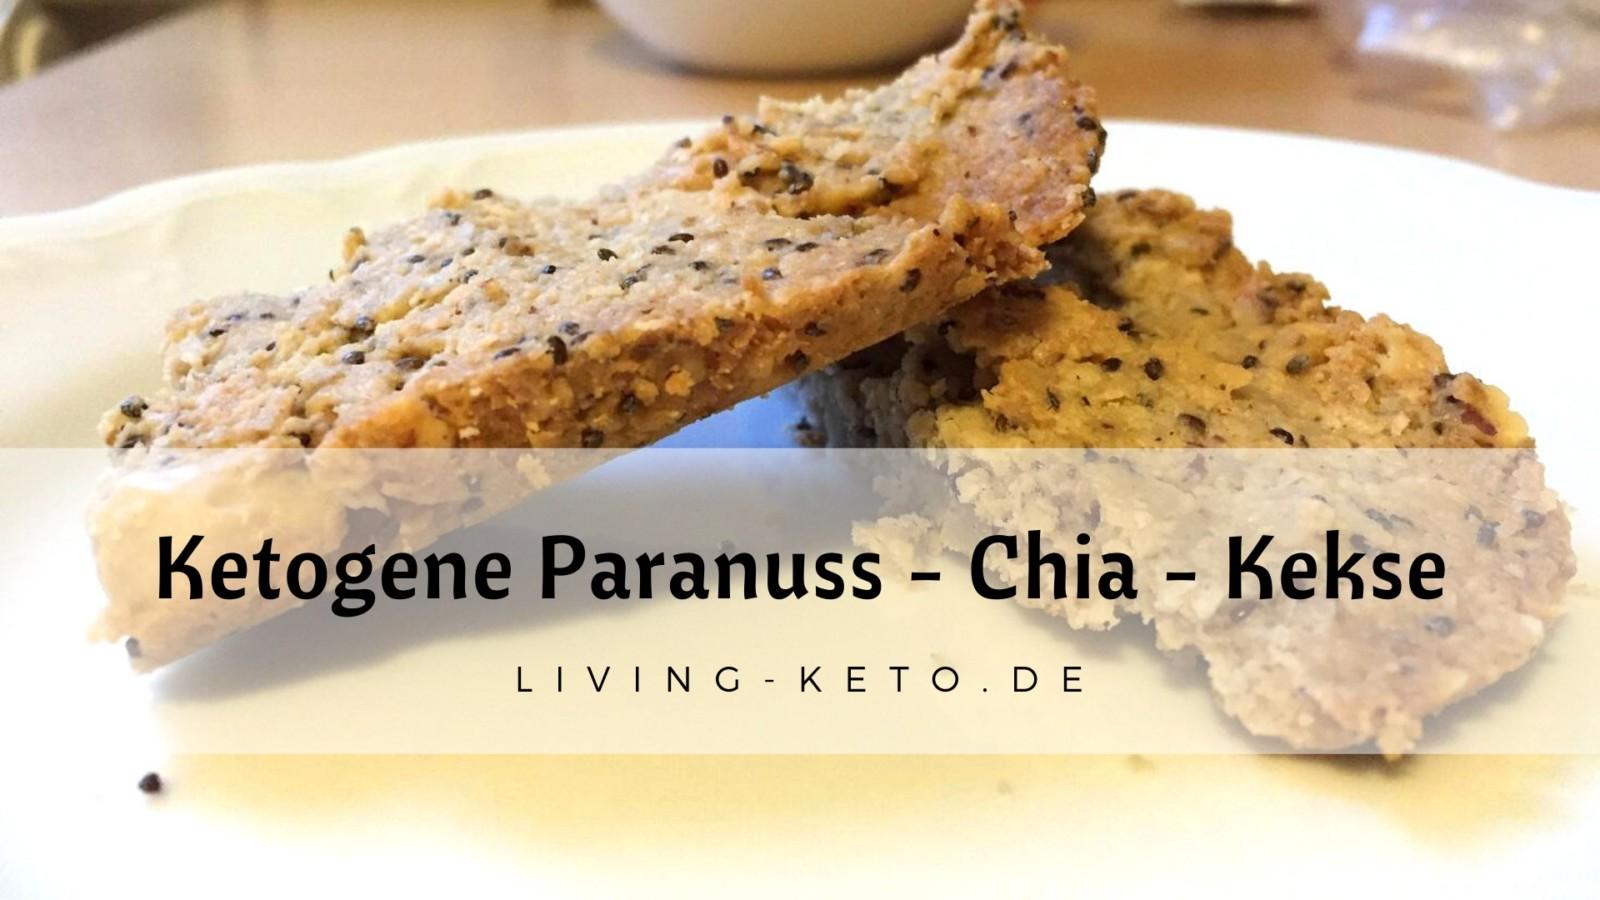 Ketogene Paranuss-Chia-Kekse